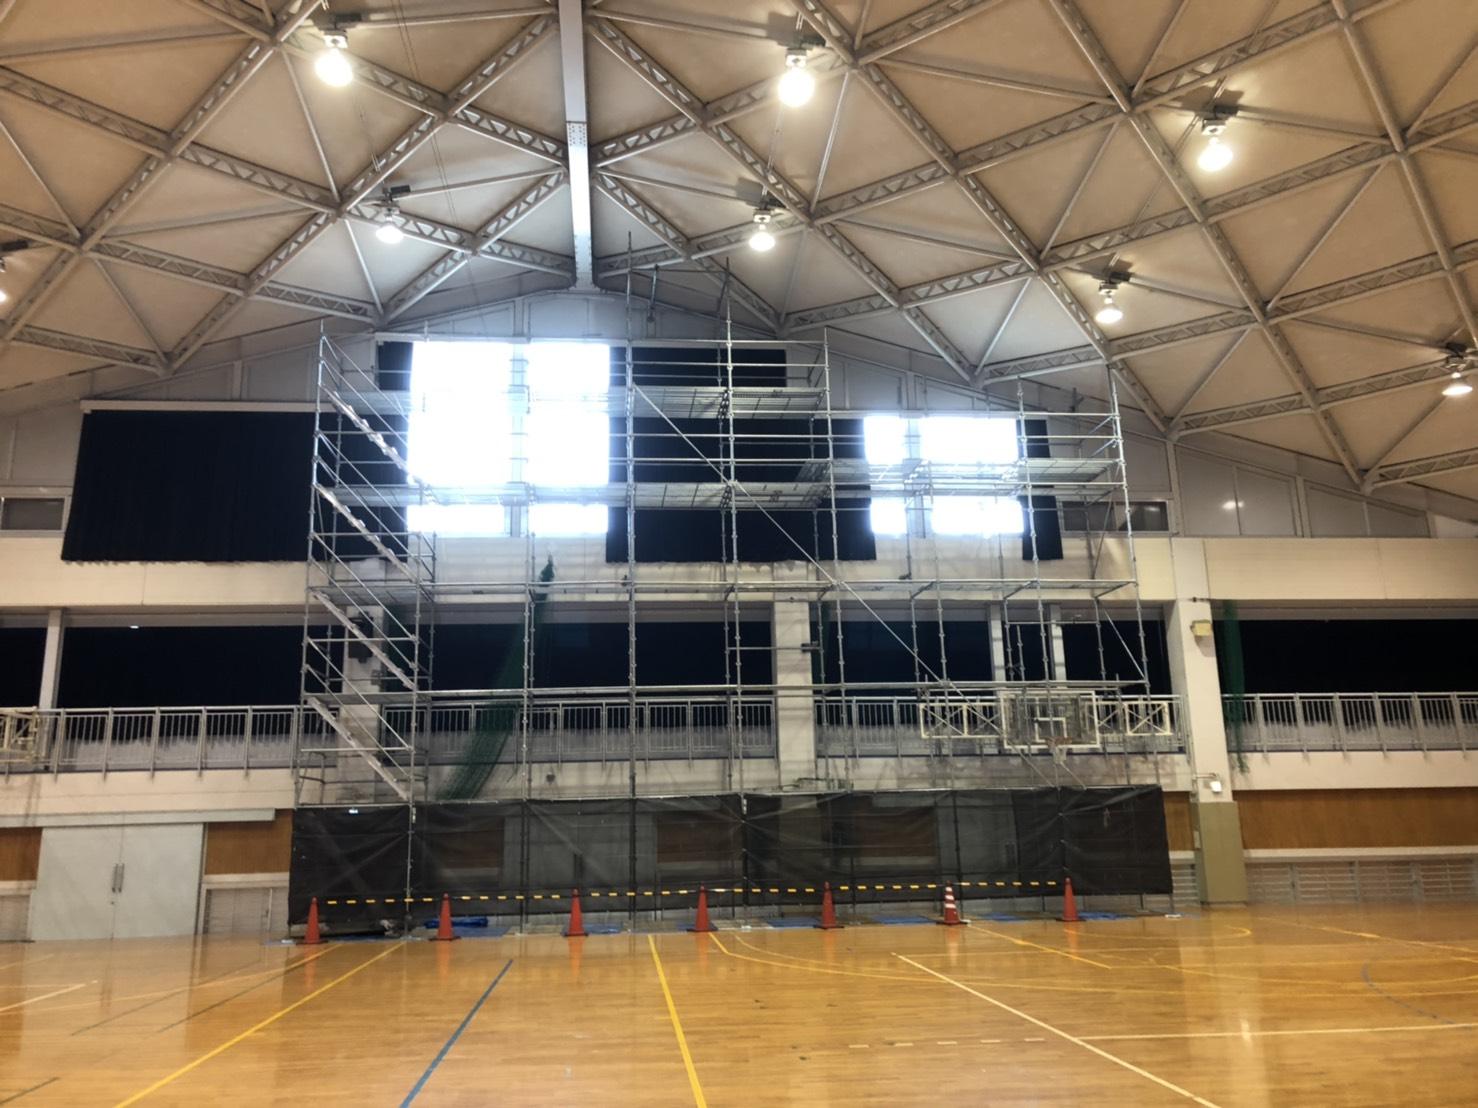 福岡県福岡市博多区  福岡高校体育館 部分足場工事